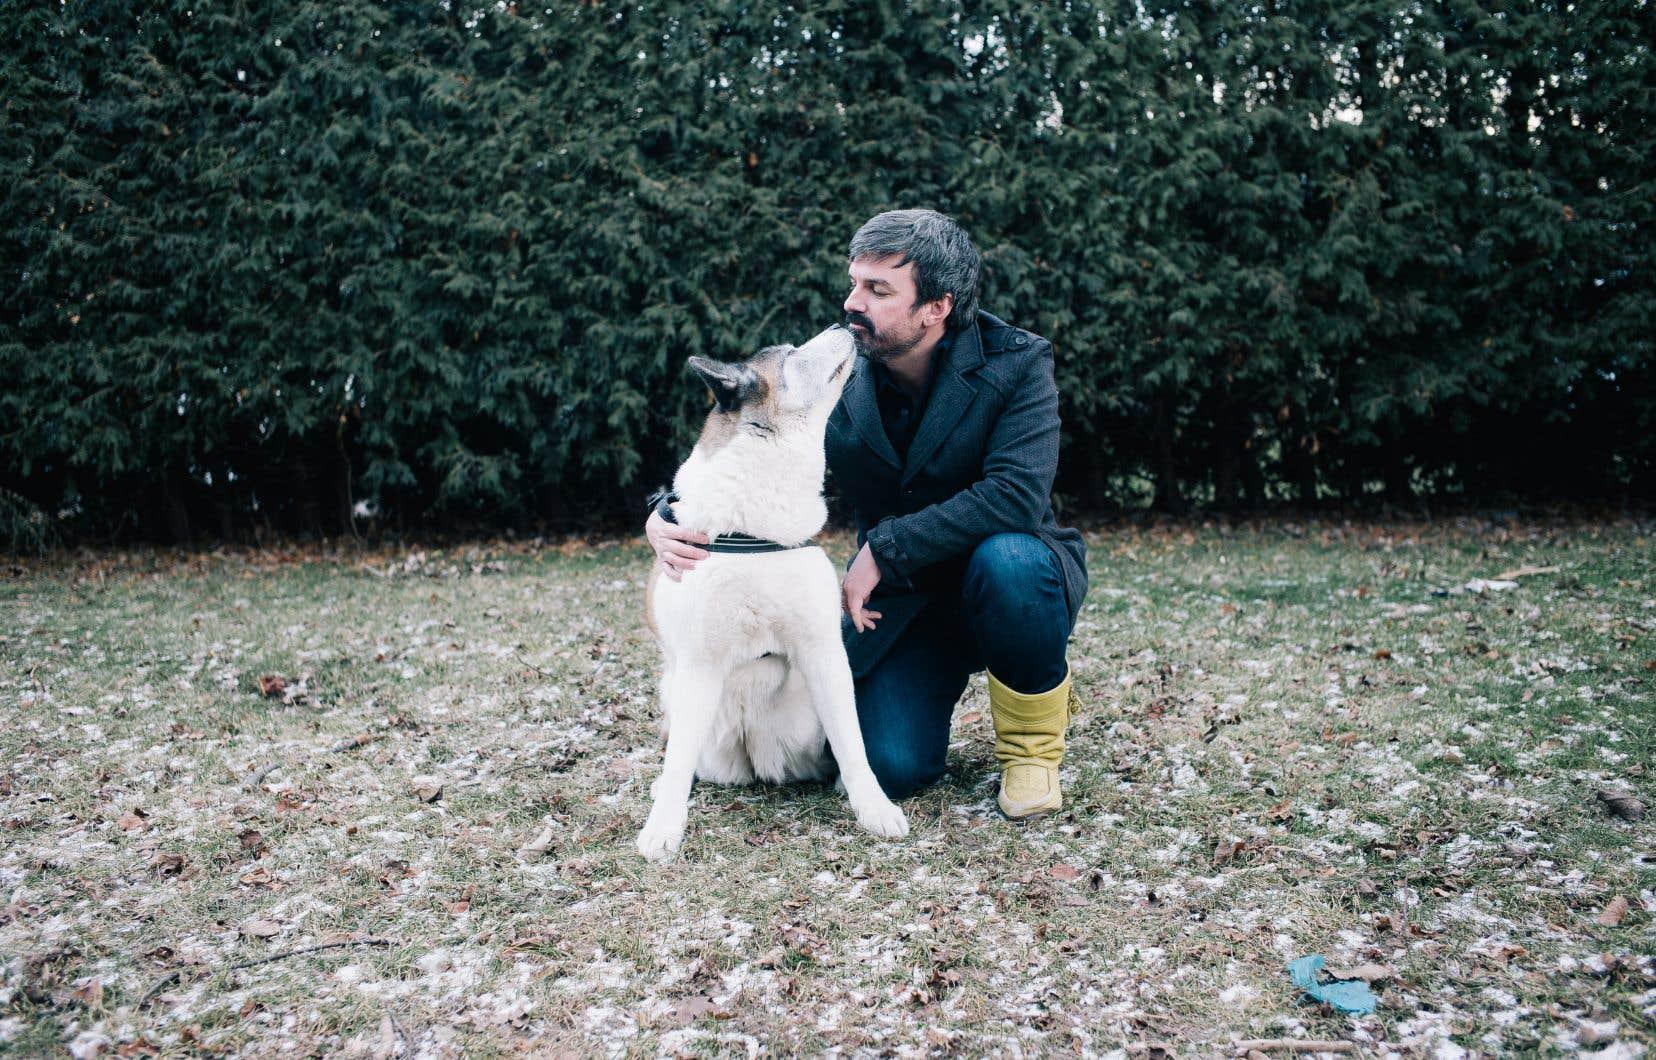 Damien a fait mouche avec sa reprise de «Pump Up the Jam», où son chien Suki fait irruption depuis l'arrière du décor. La vidéo a été visionnée, partagée et repartagée plus de 4,5 millions de fois.